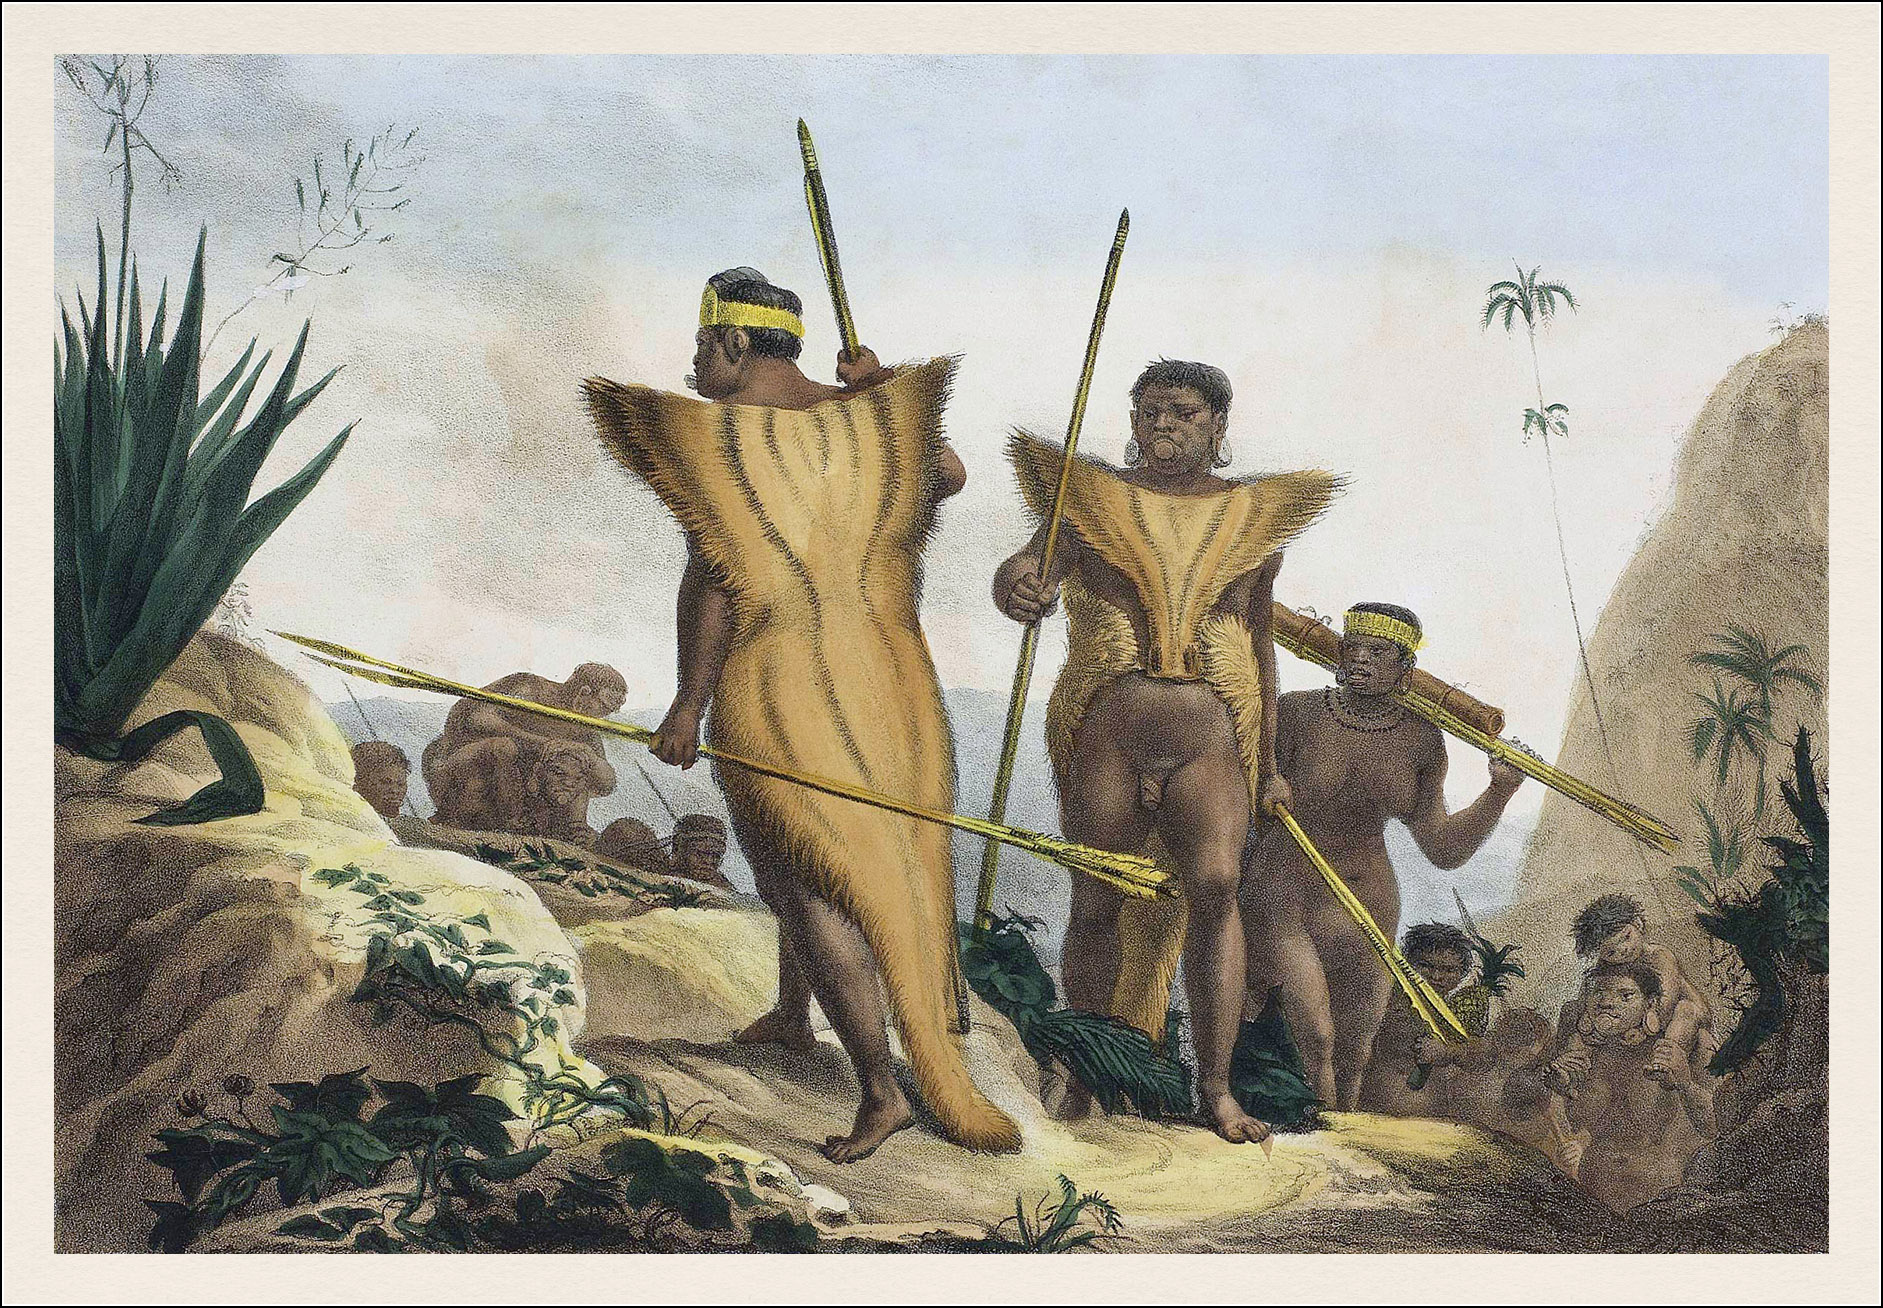 Jean Baptiste Debret, Voyage pittoresque et historique au Brésil